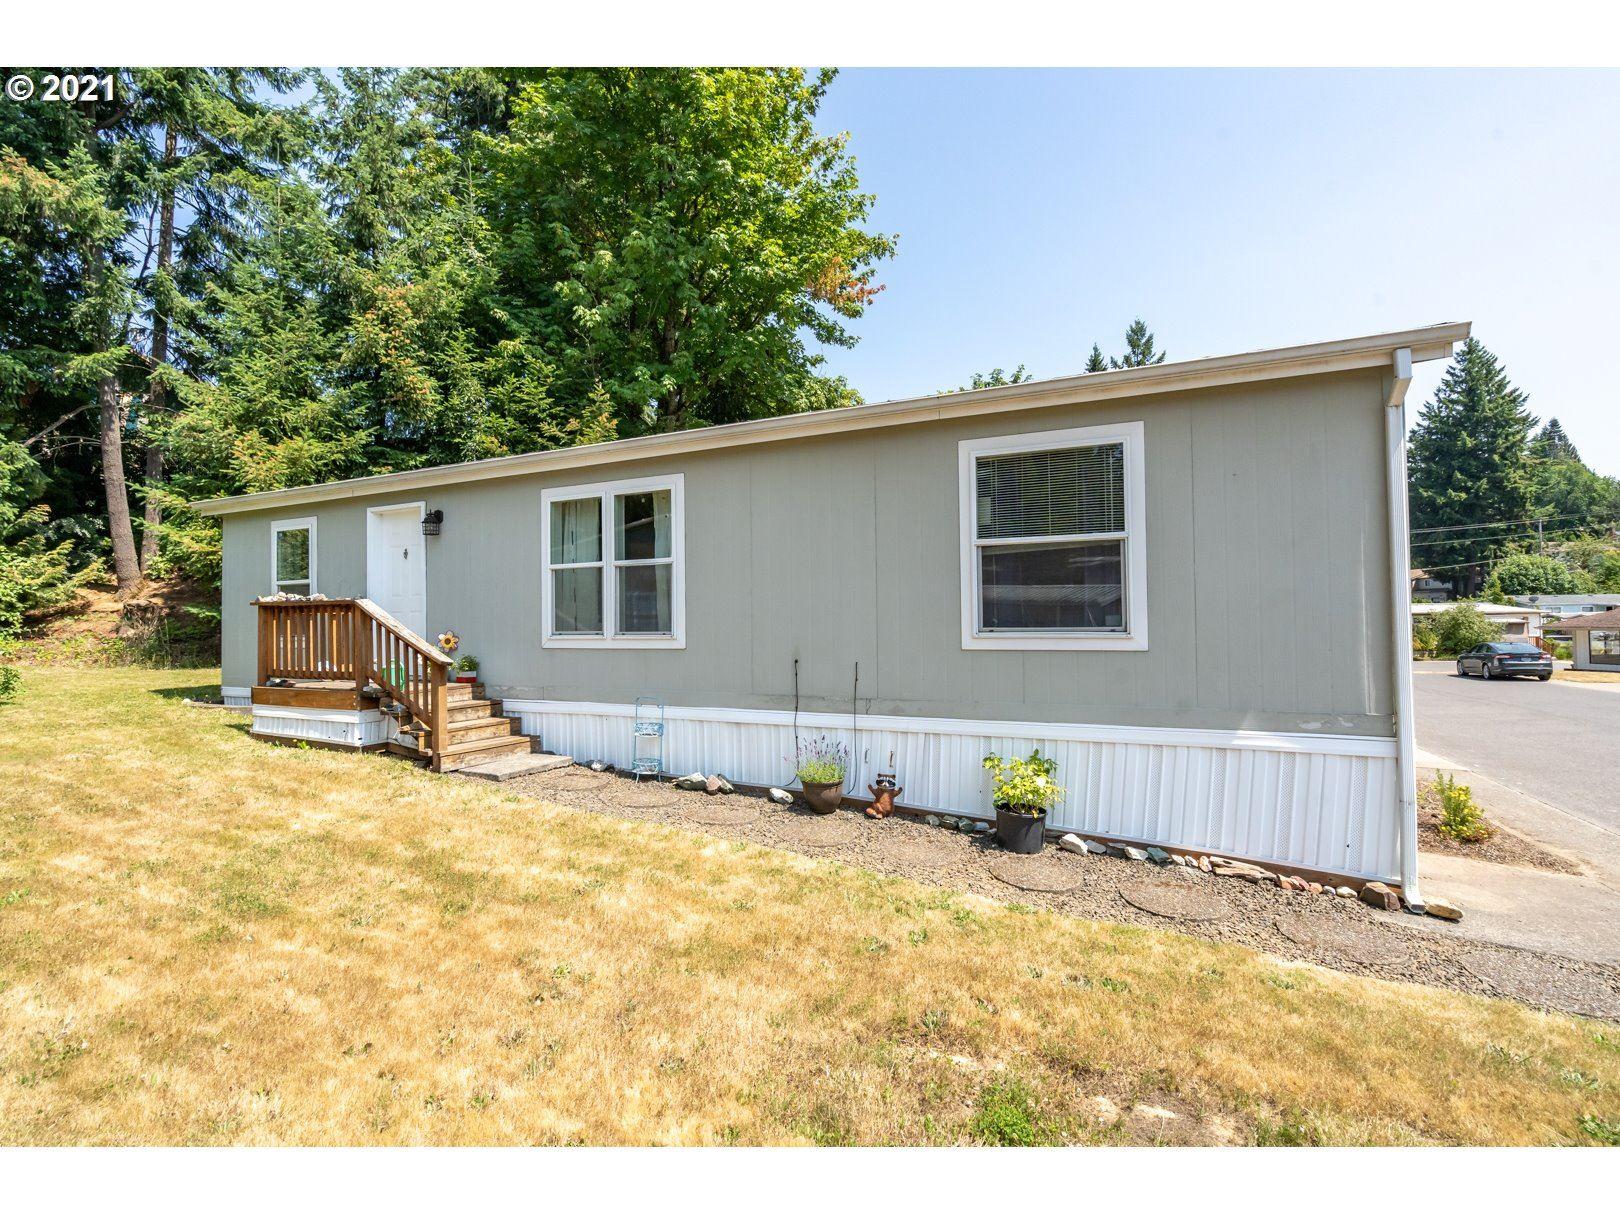 17655 Bluff RD #5, Sandy, OR 97055 - MLS#: 21526468